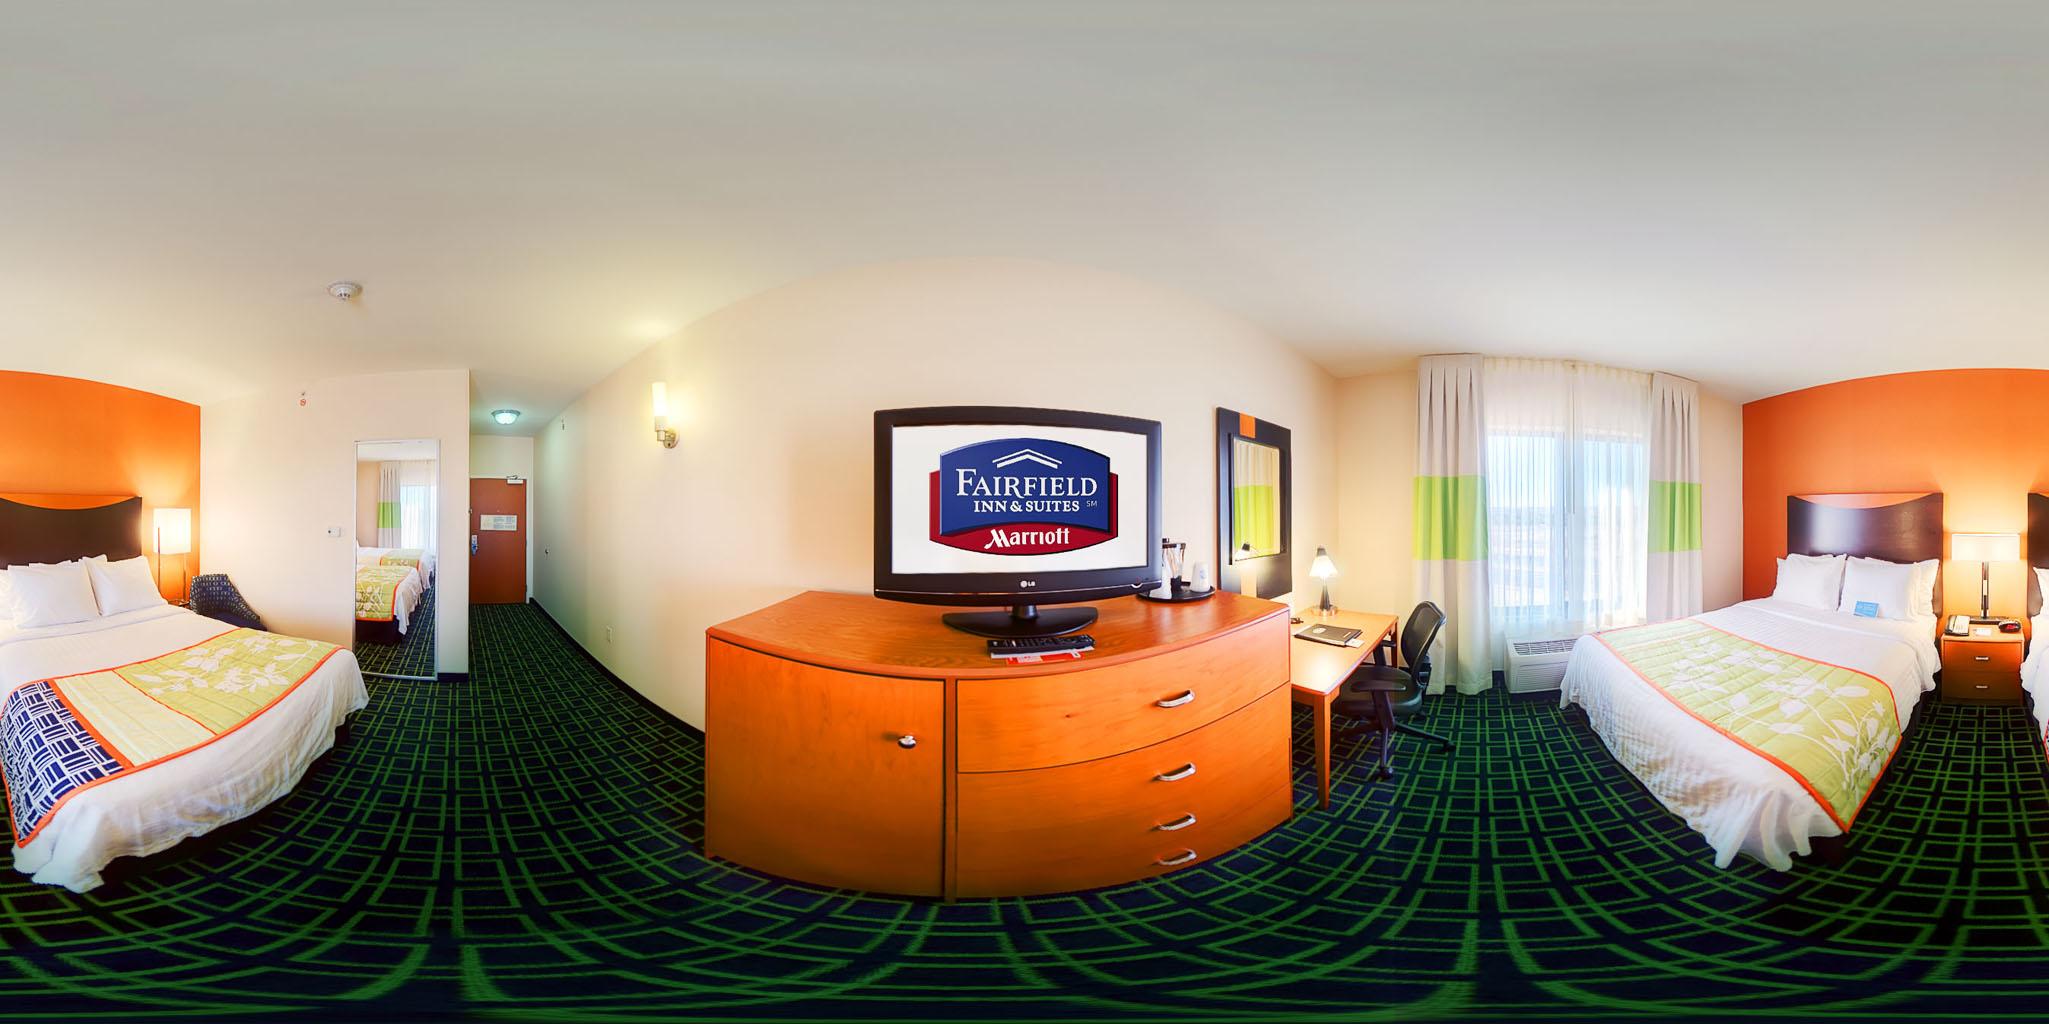 Fairfield Inn Suites By Marriott El Paso El Paso Tx